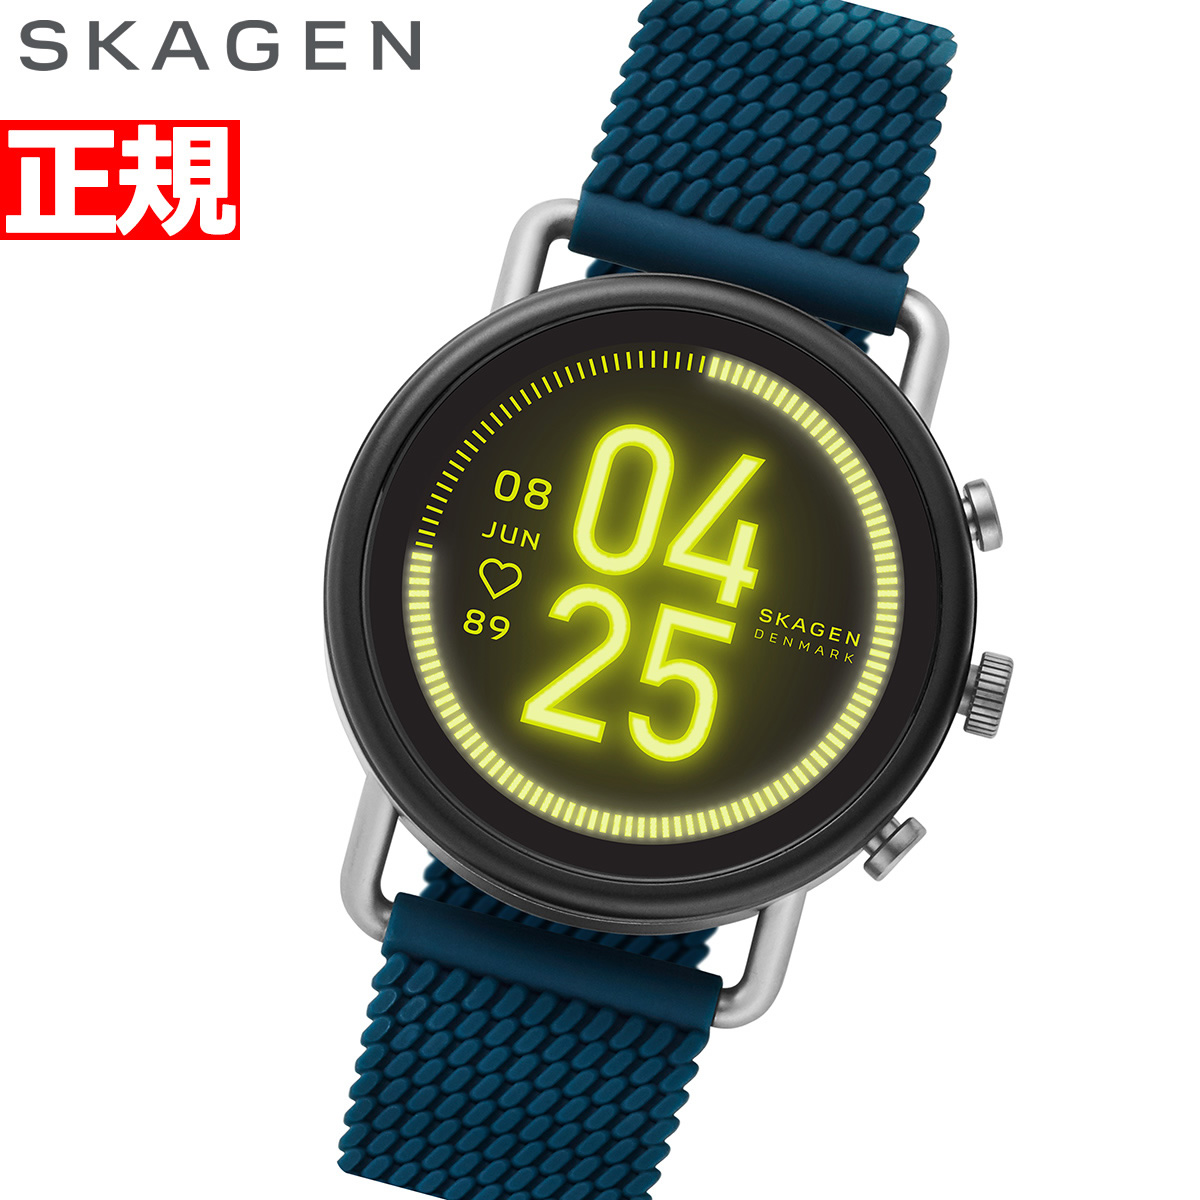 スカーゲン SKAGEN スマートウォッチ ウェアラブル 腕時計 メンズ レディース フォルスター3 FALSTER 3 SKT5203【2020 新作】